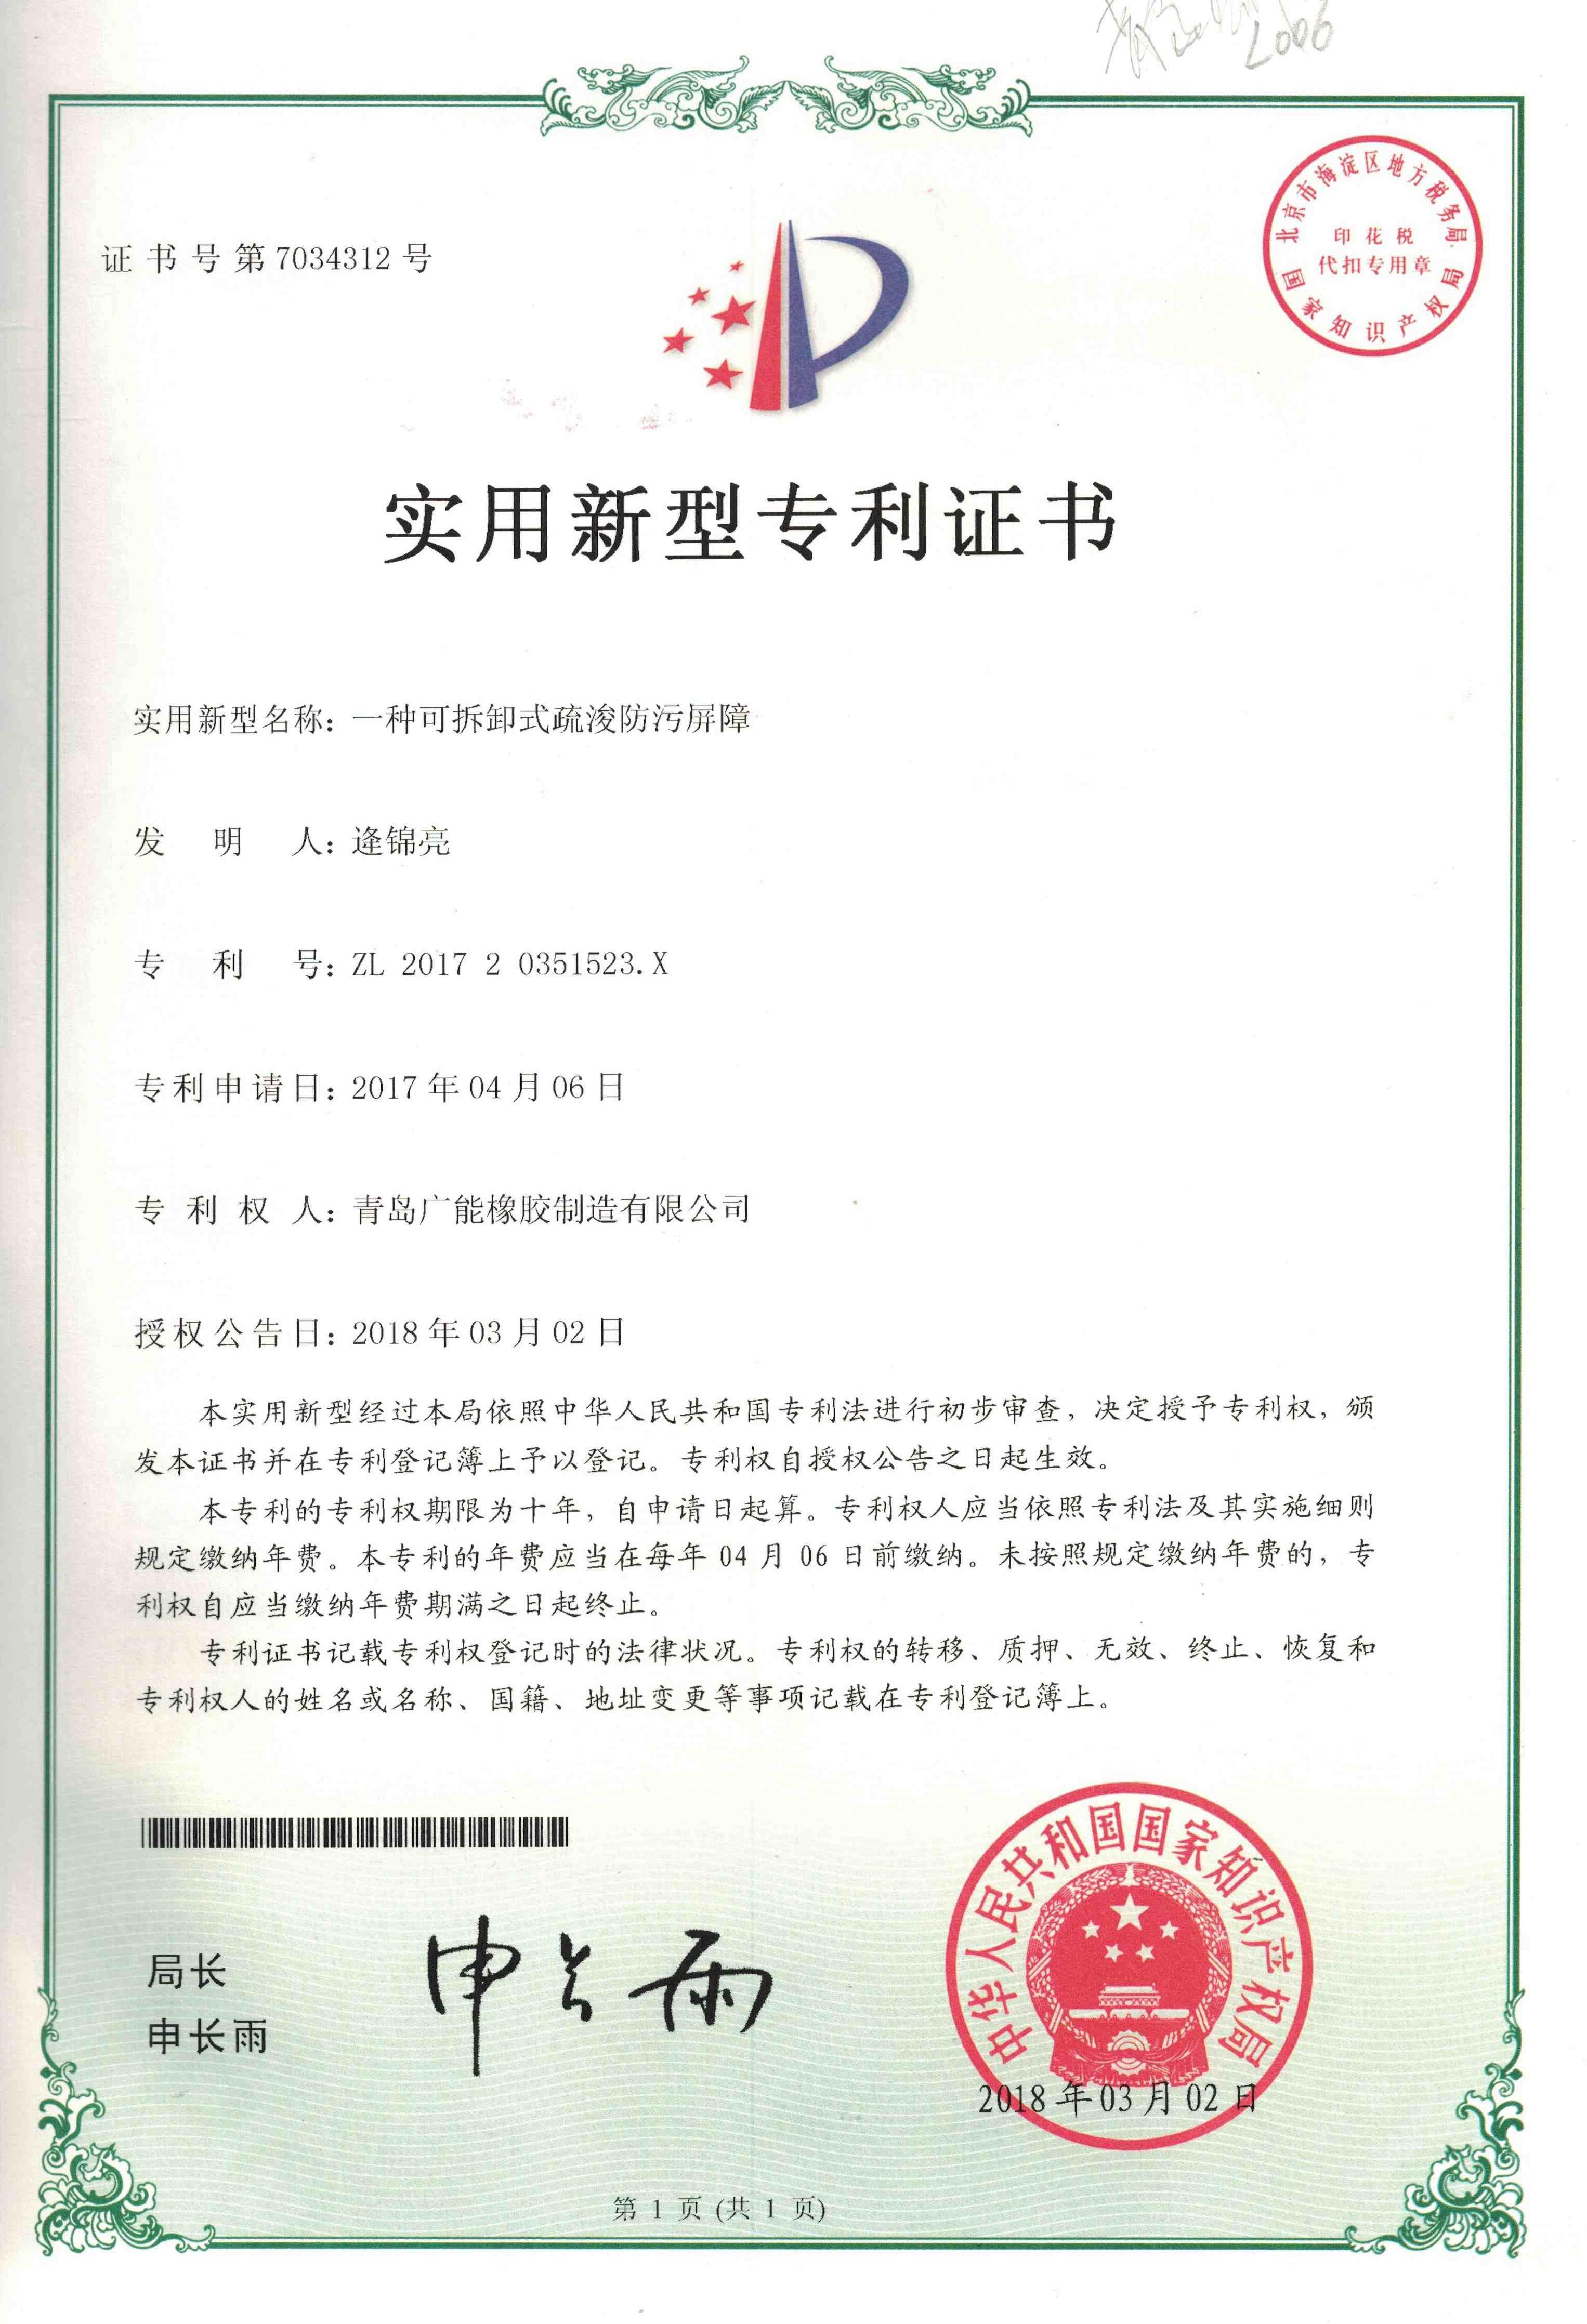 专利-一种可拆卸式疏浚防污屏障